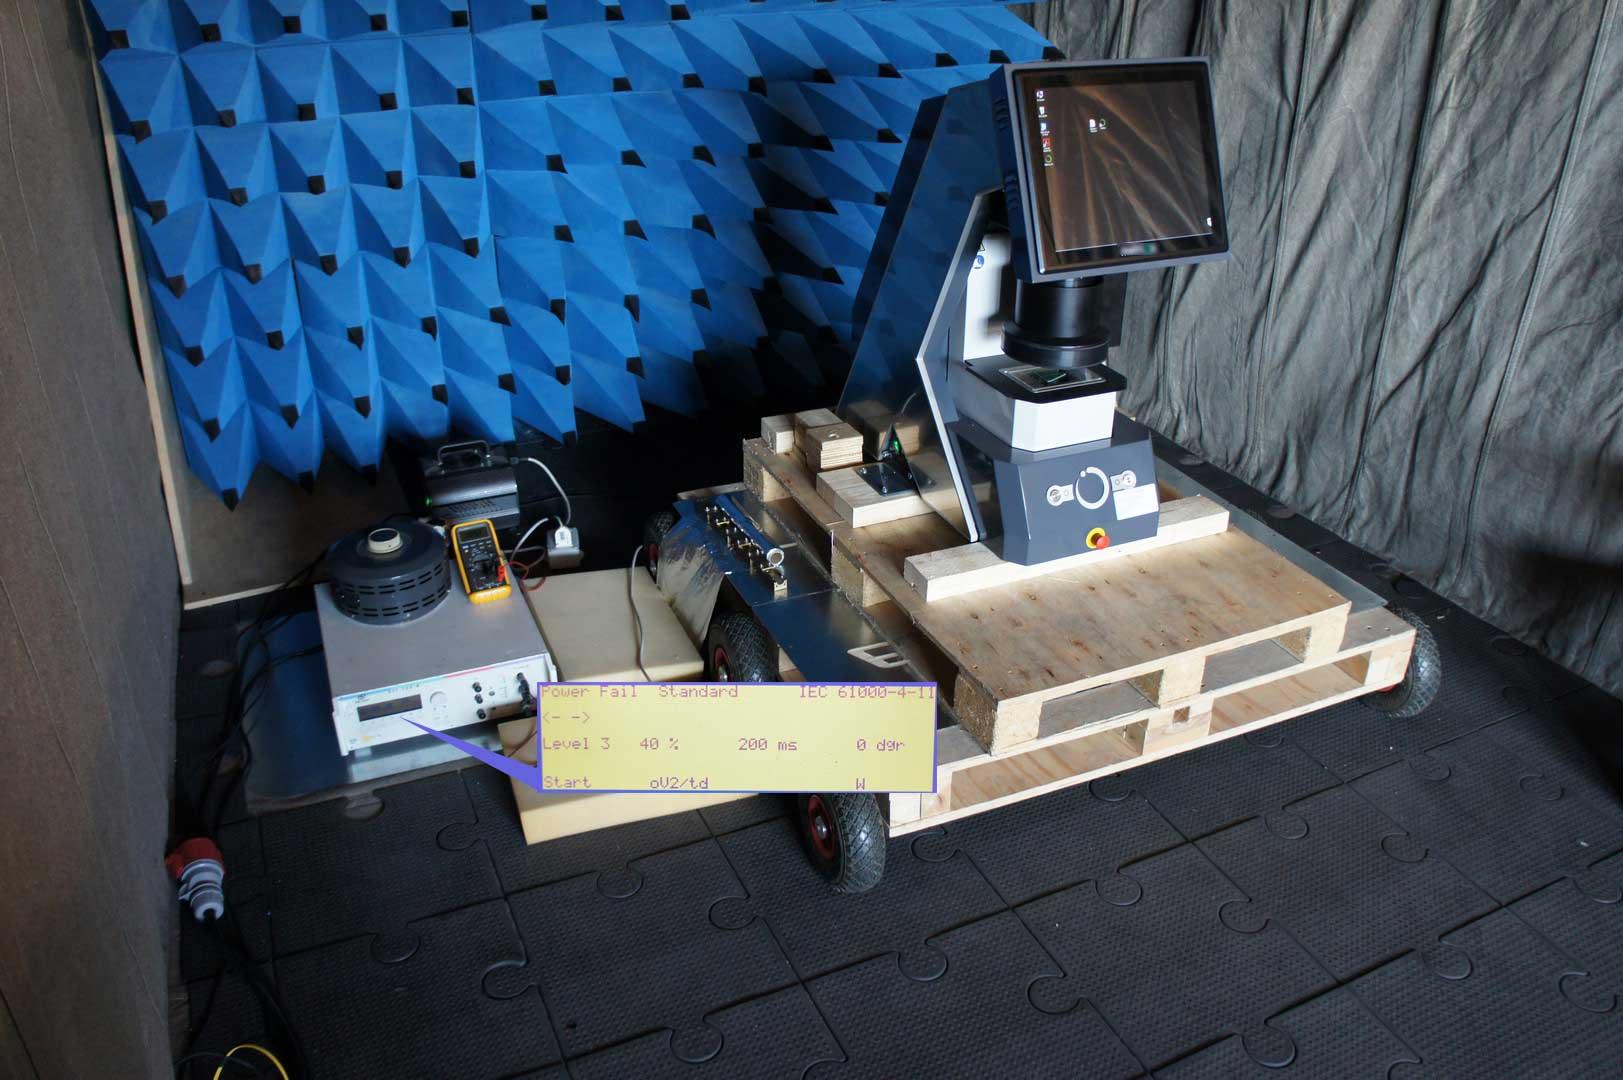 Prove di tensione e variazione di frequenza EN 50160